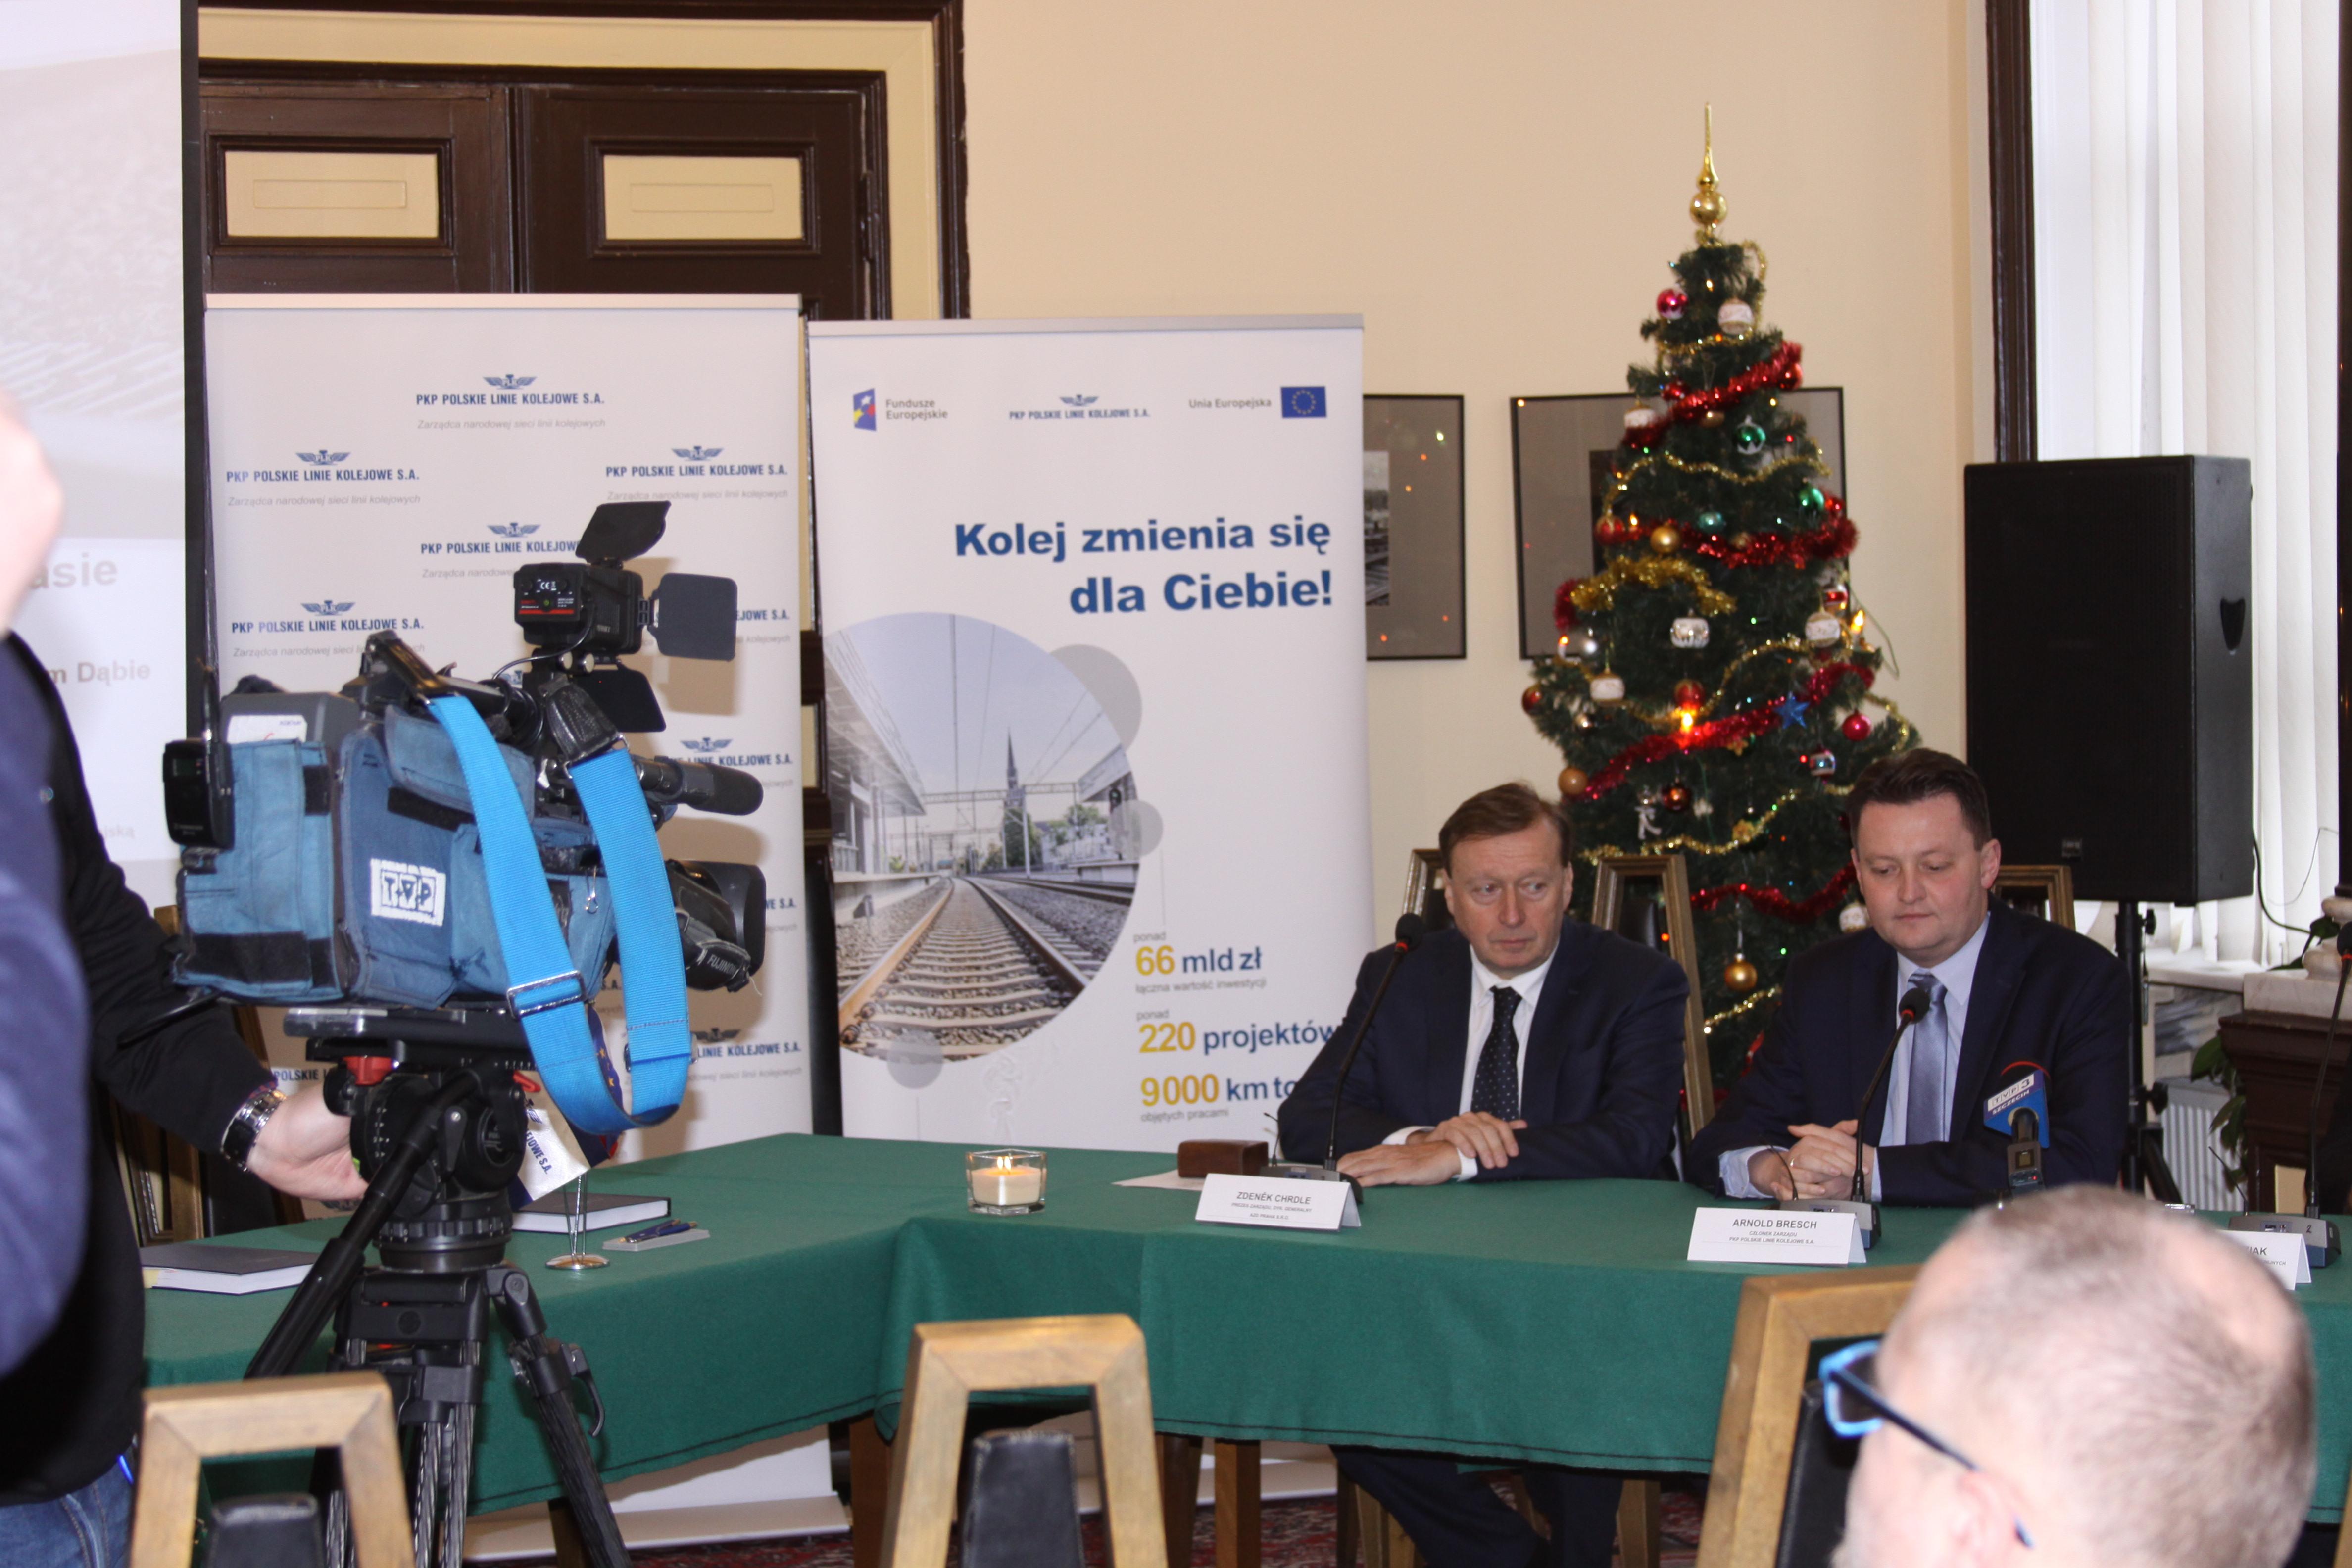 Zdjęcie z konferencji prasowej, na której podpisano umowę na wykonanie zabudowy urządzeń sterowania ruchem kolejowym na odcinku między Słonicami a Szczecinem Dąbie w grudniu 2018 roku.